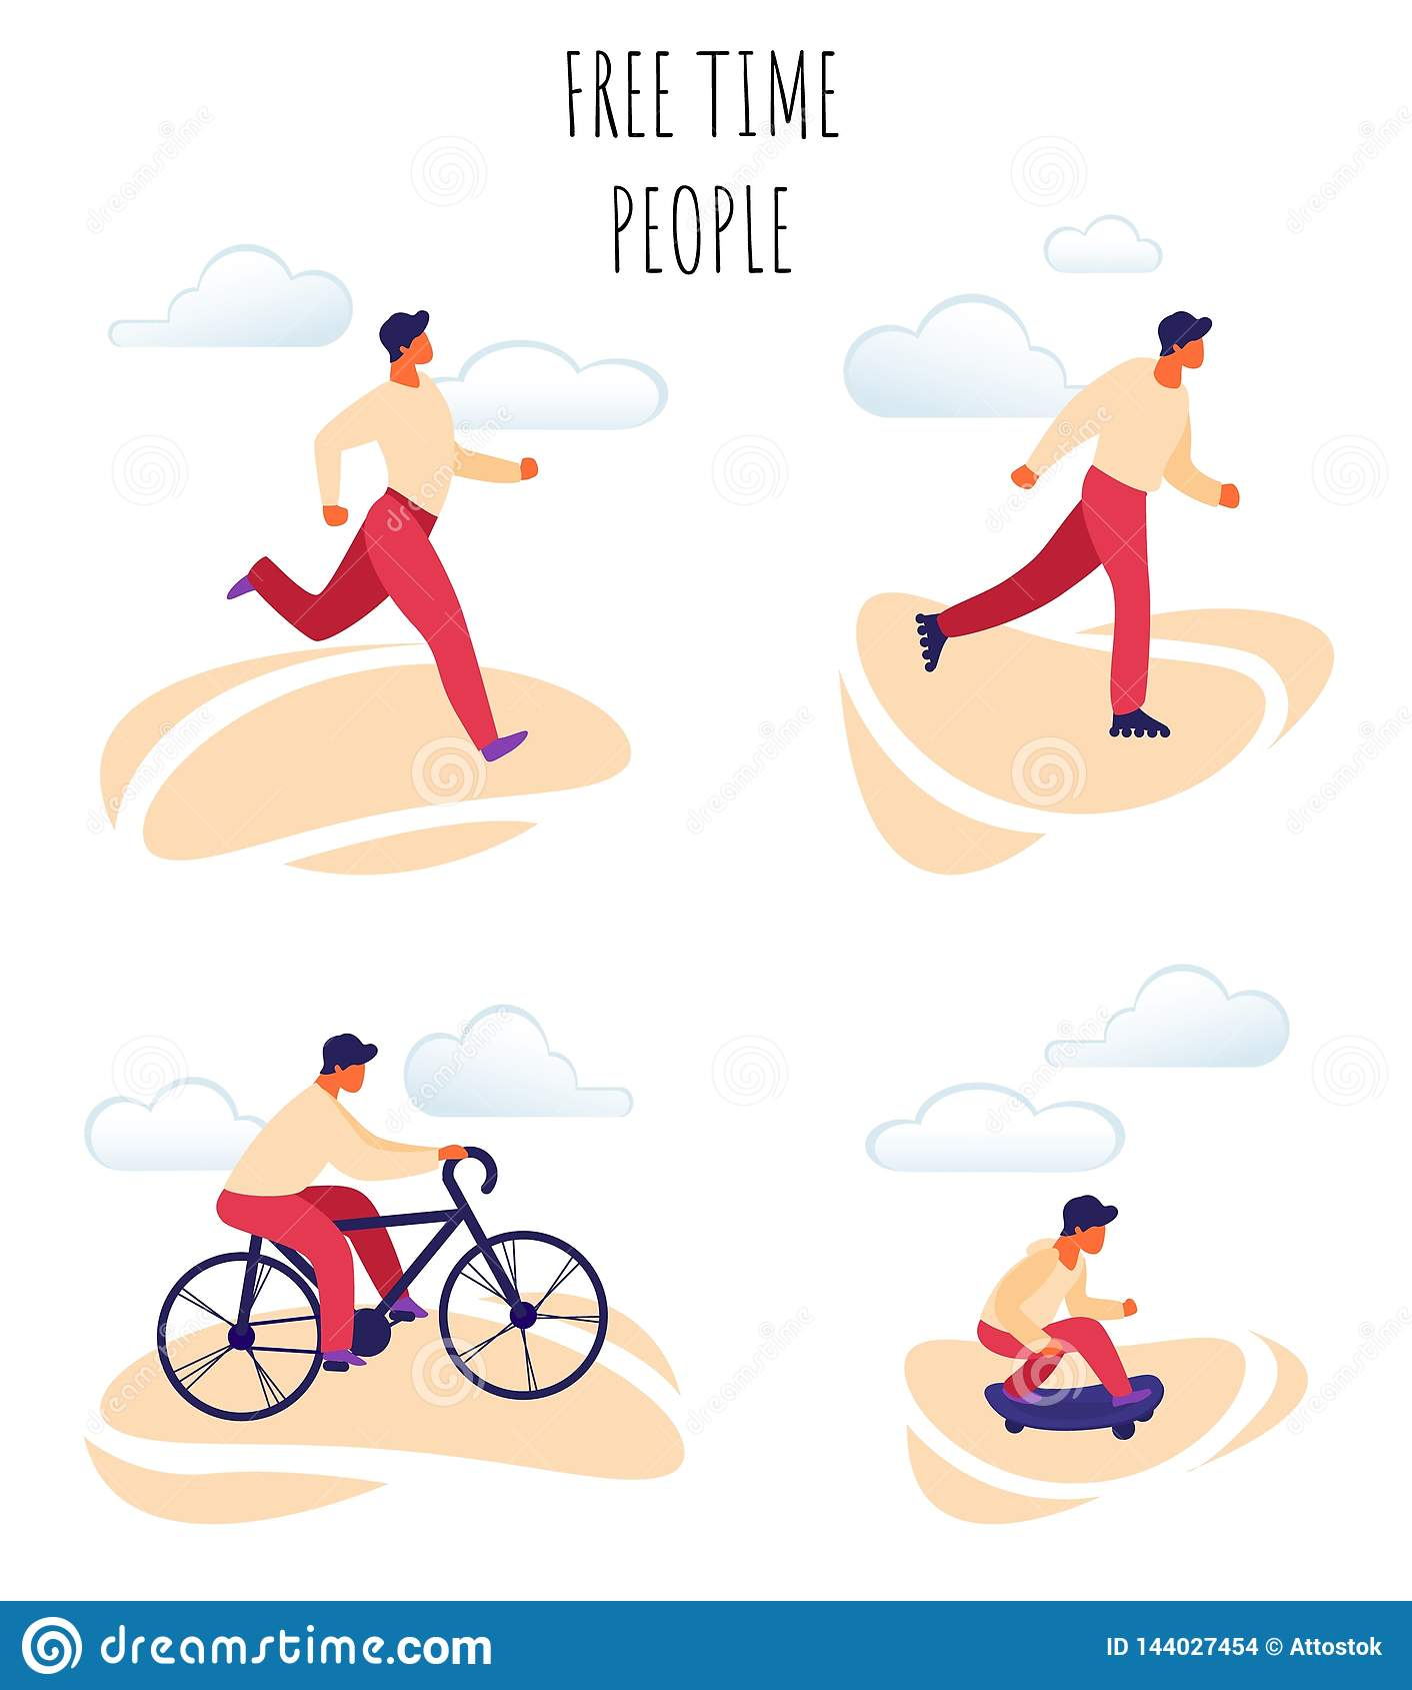 Επίπεδοι διανυσματικοί ευτυχείς άνθρωποι ελεύθερου χρόνου απεικόνισης